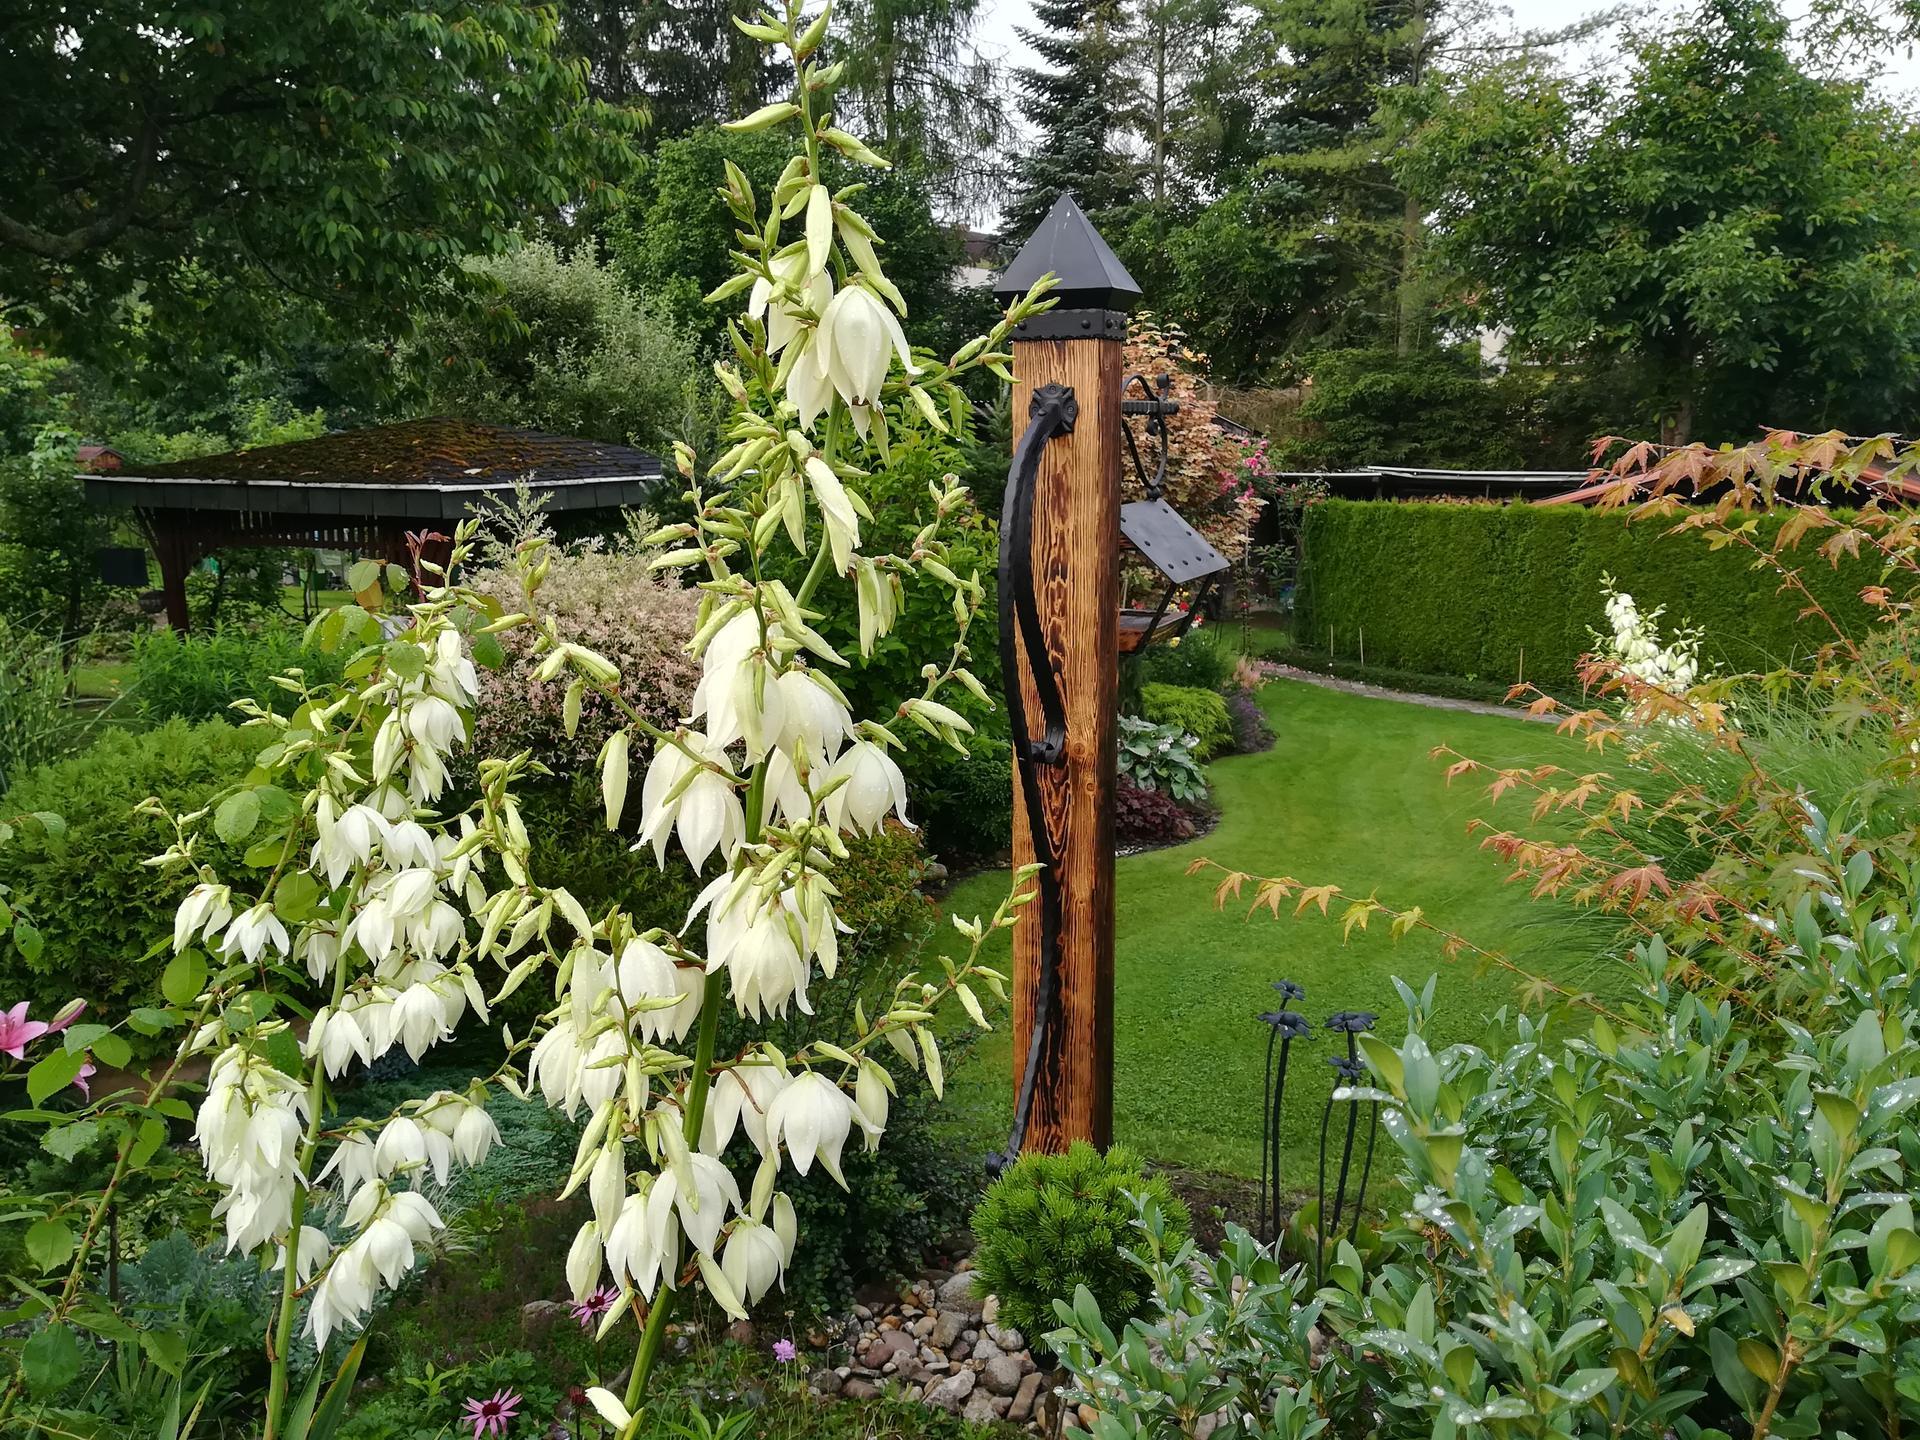 Pozdrav zo záhrady. - Obrázok č. 149